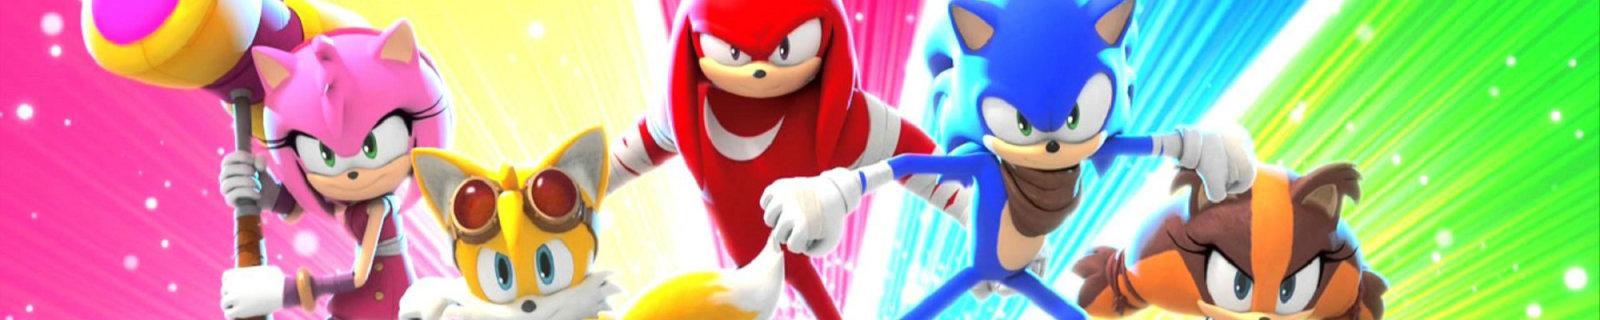 索尼克新作《索尼克:狂热》将重回2D风格